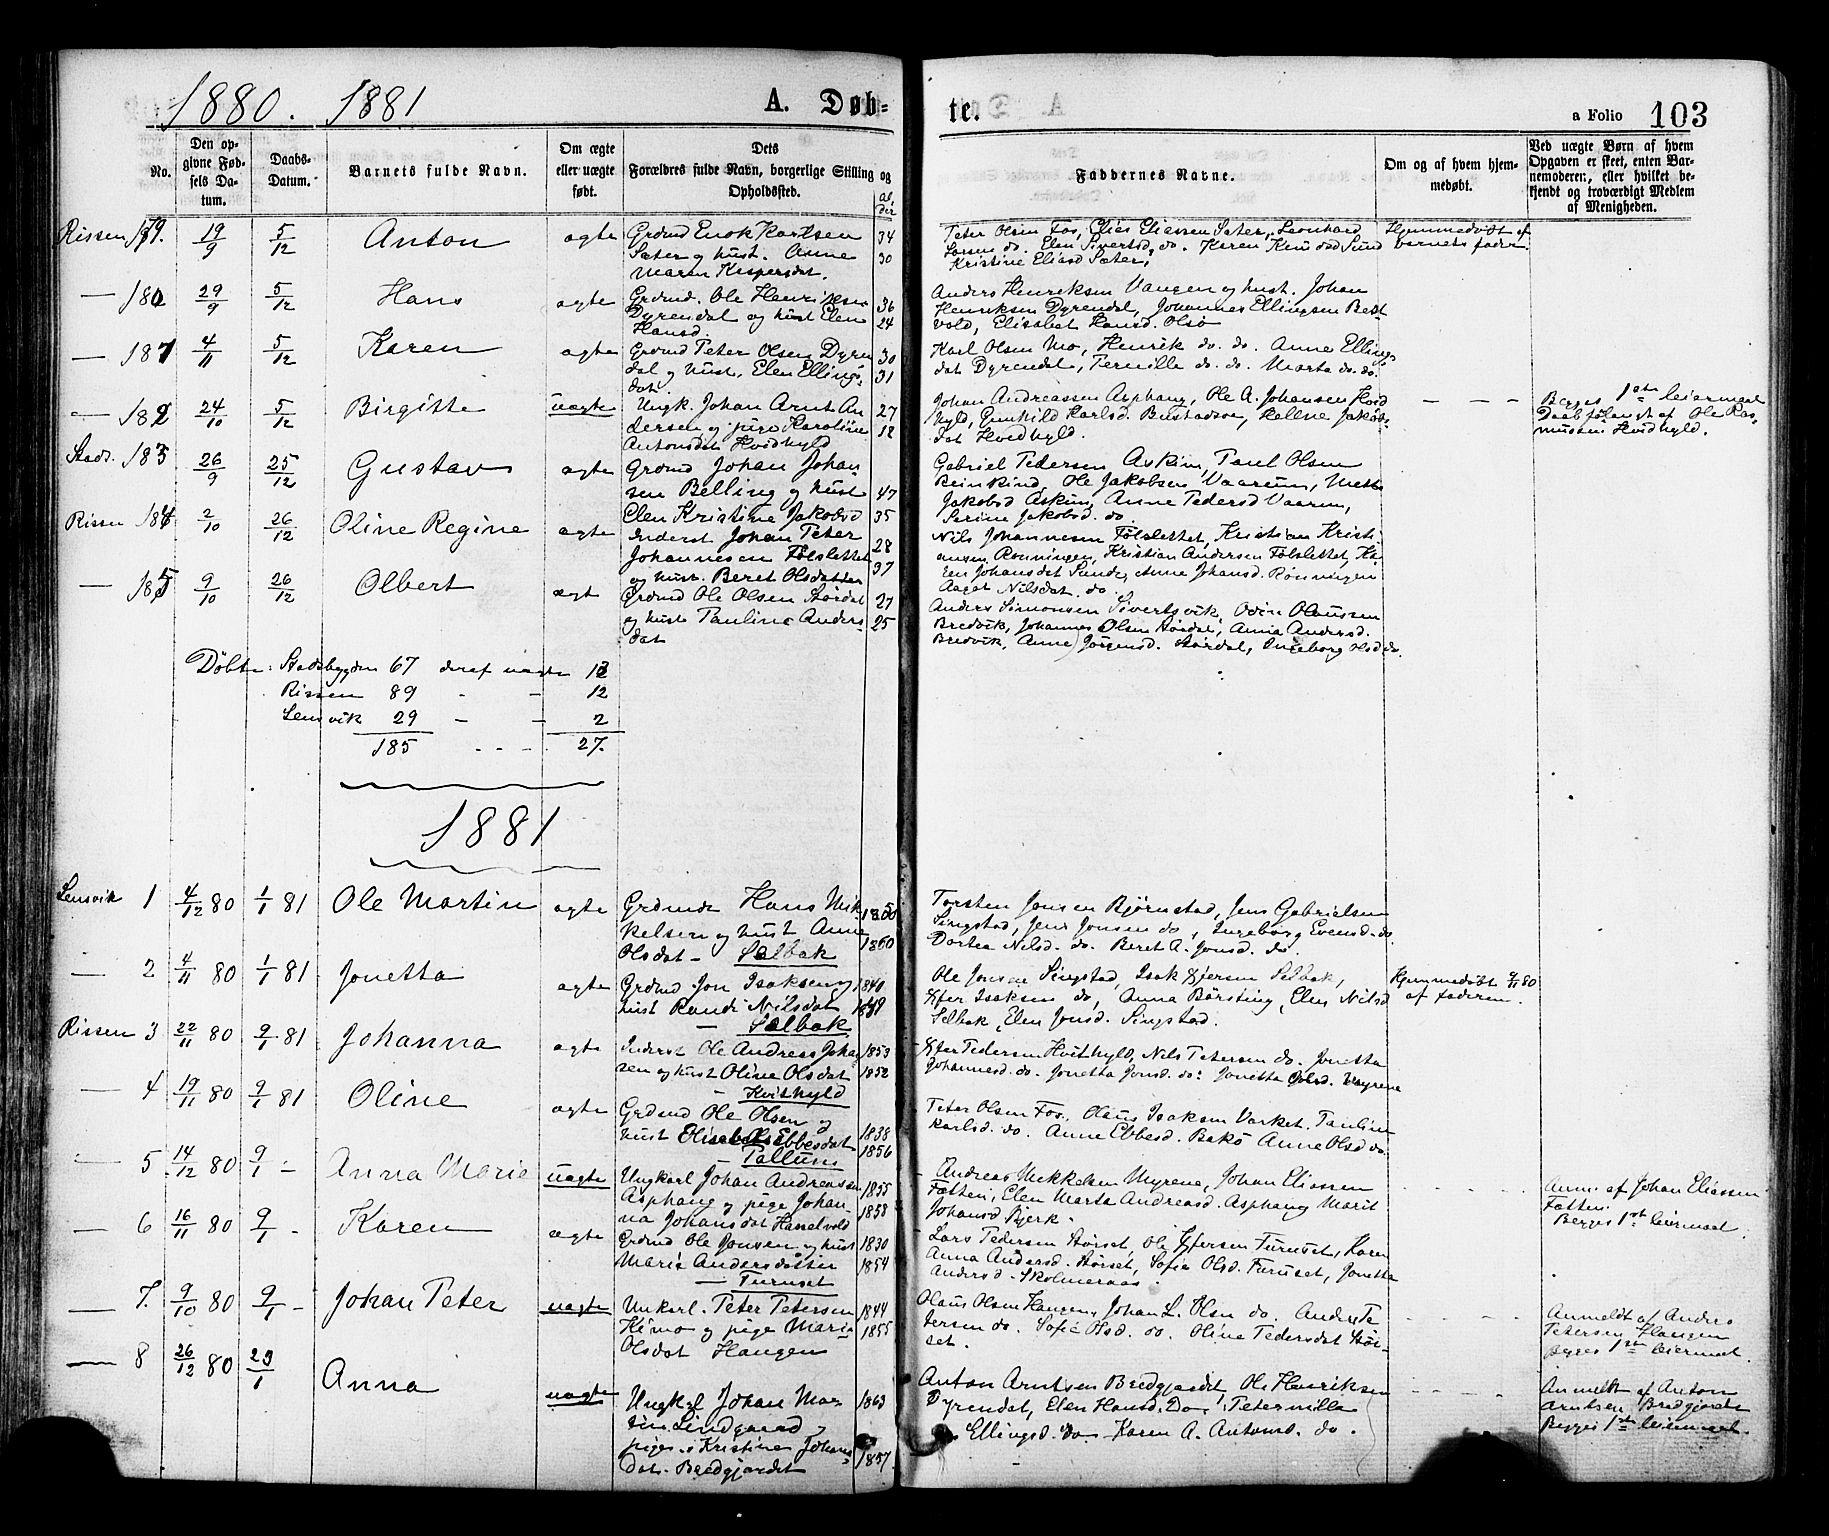 SAT, Ministerialprotokoller, klokkerbøker og fødselsregistre - Sør-Trøndelag, 646/L0613: Ministerialbok nr. 646A11, 1870-1884, s. 103